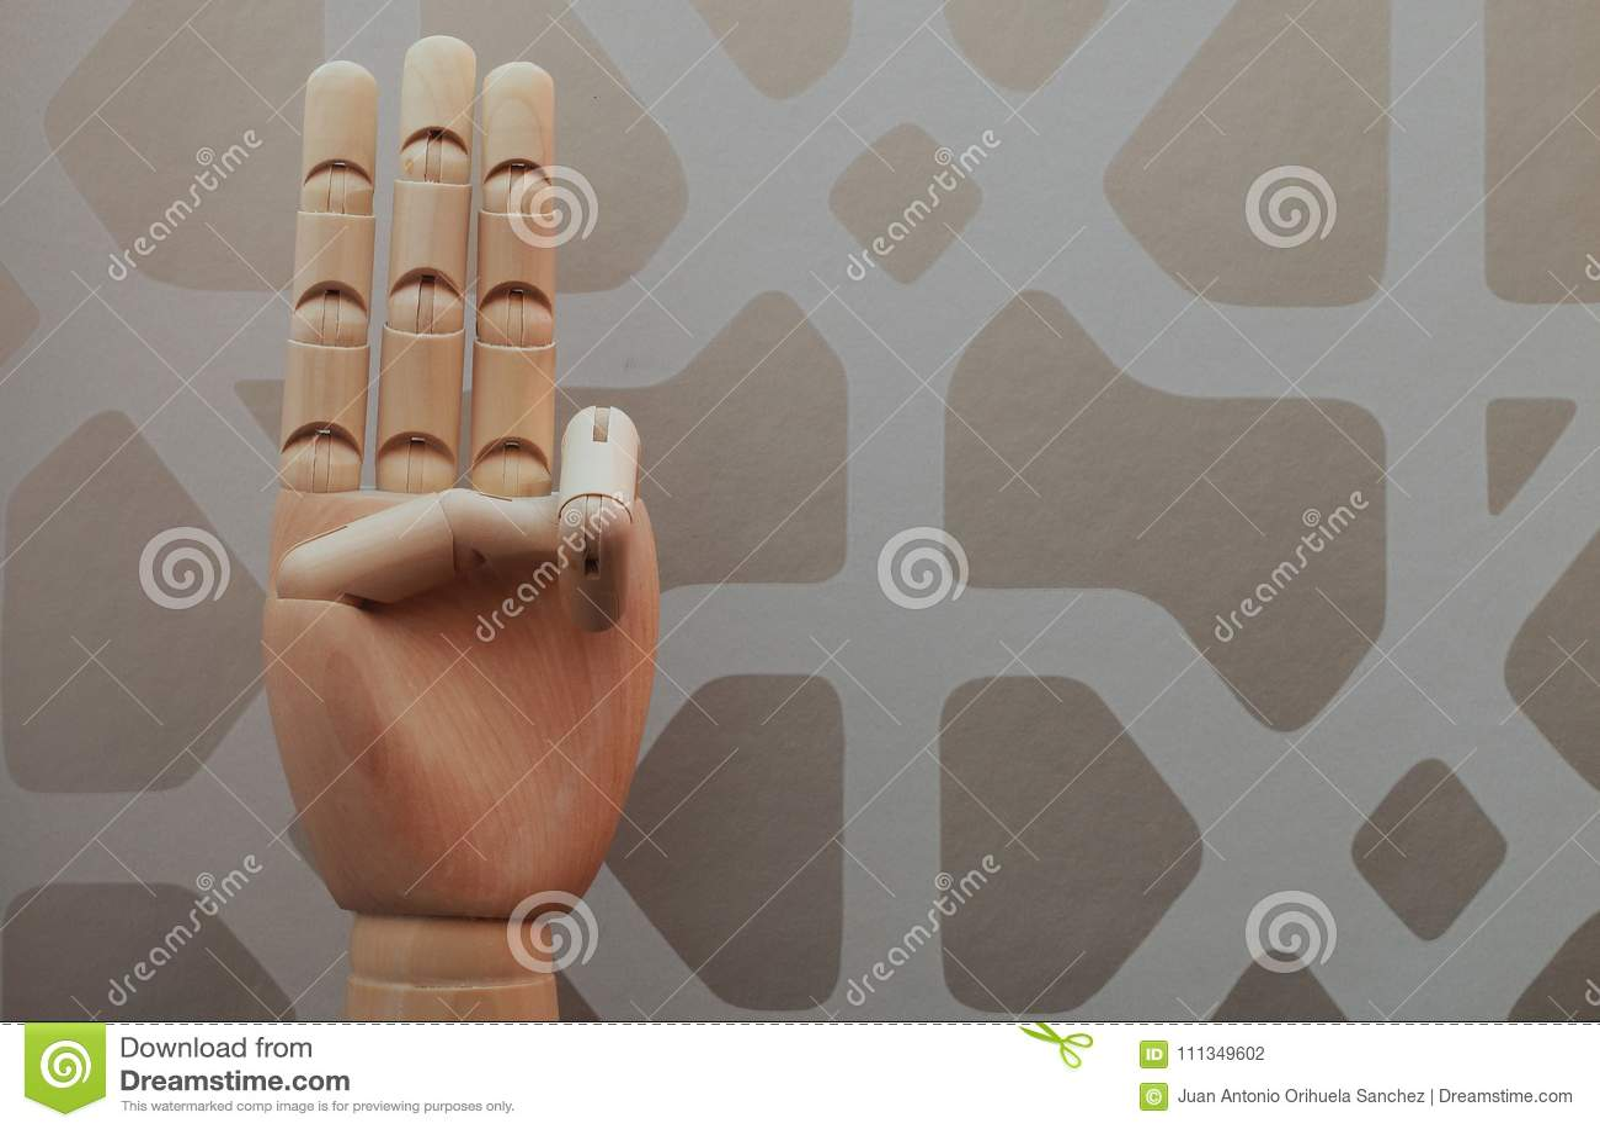 Отчетливо произношенная деревянная рука с 3 пальцами подняла в аллюзии 3